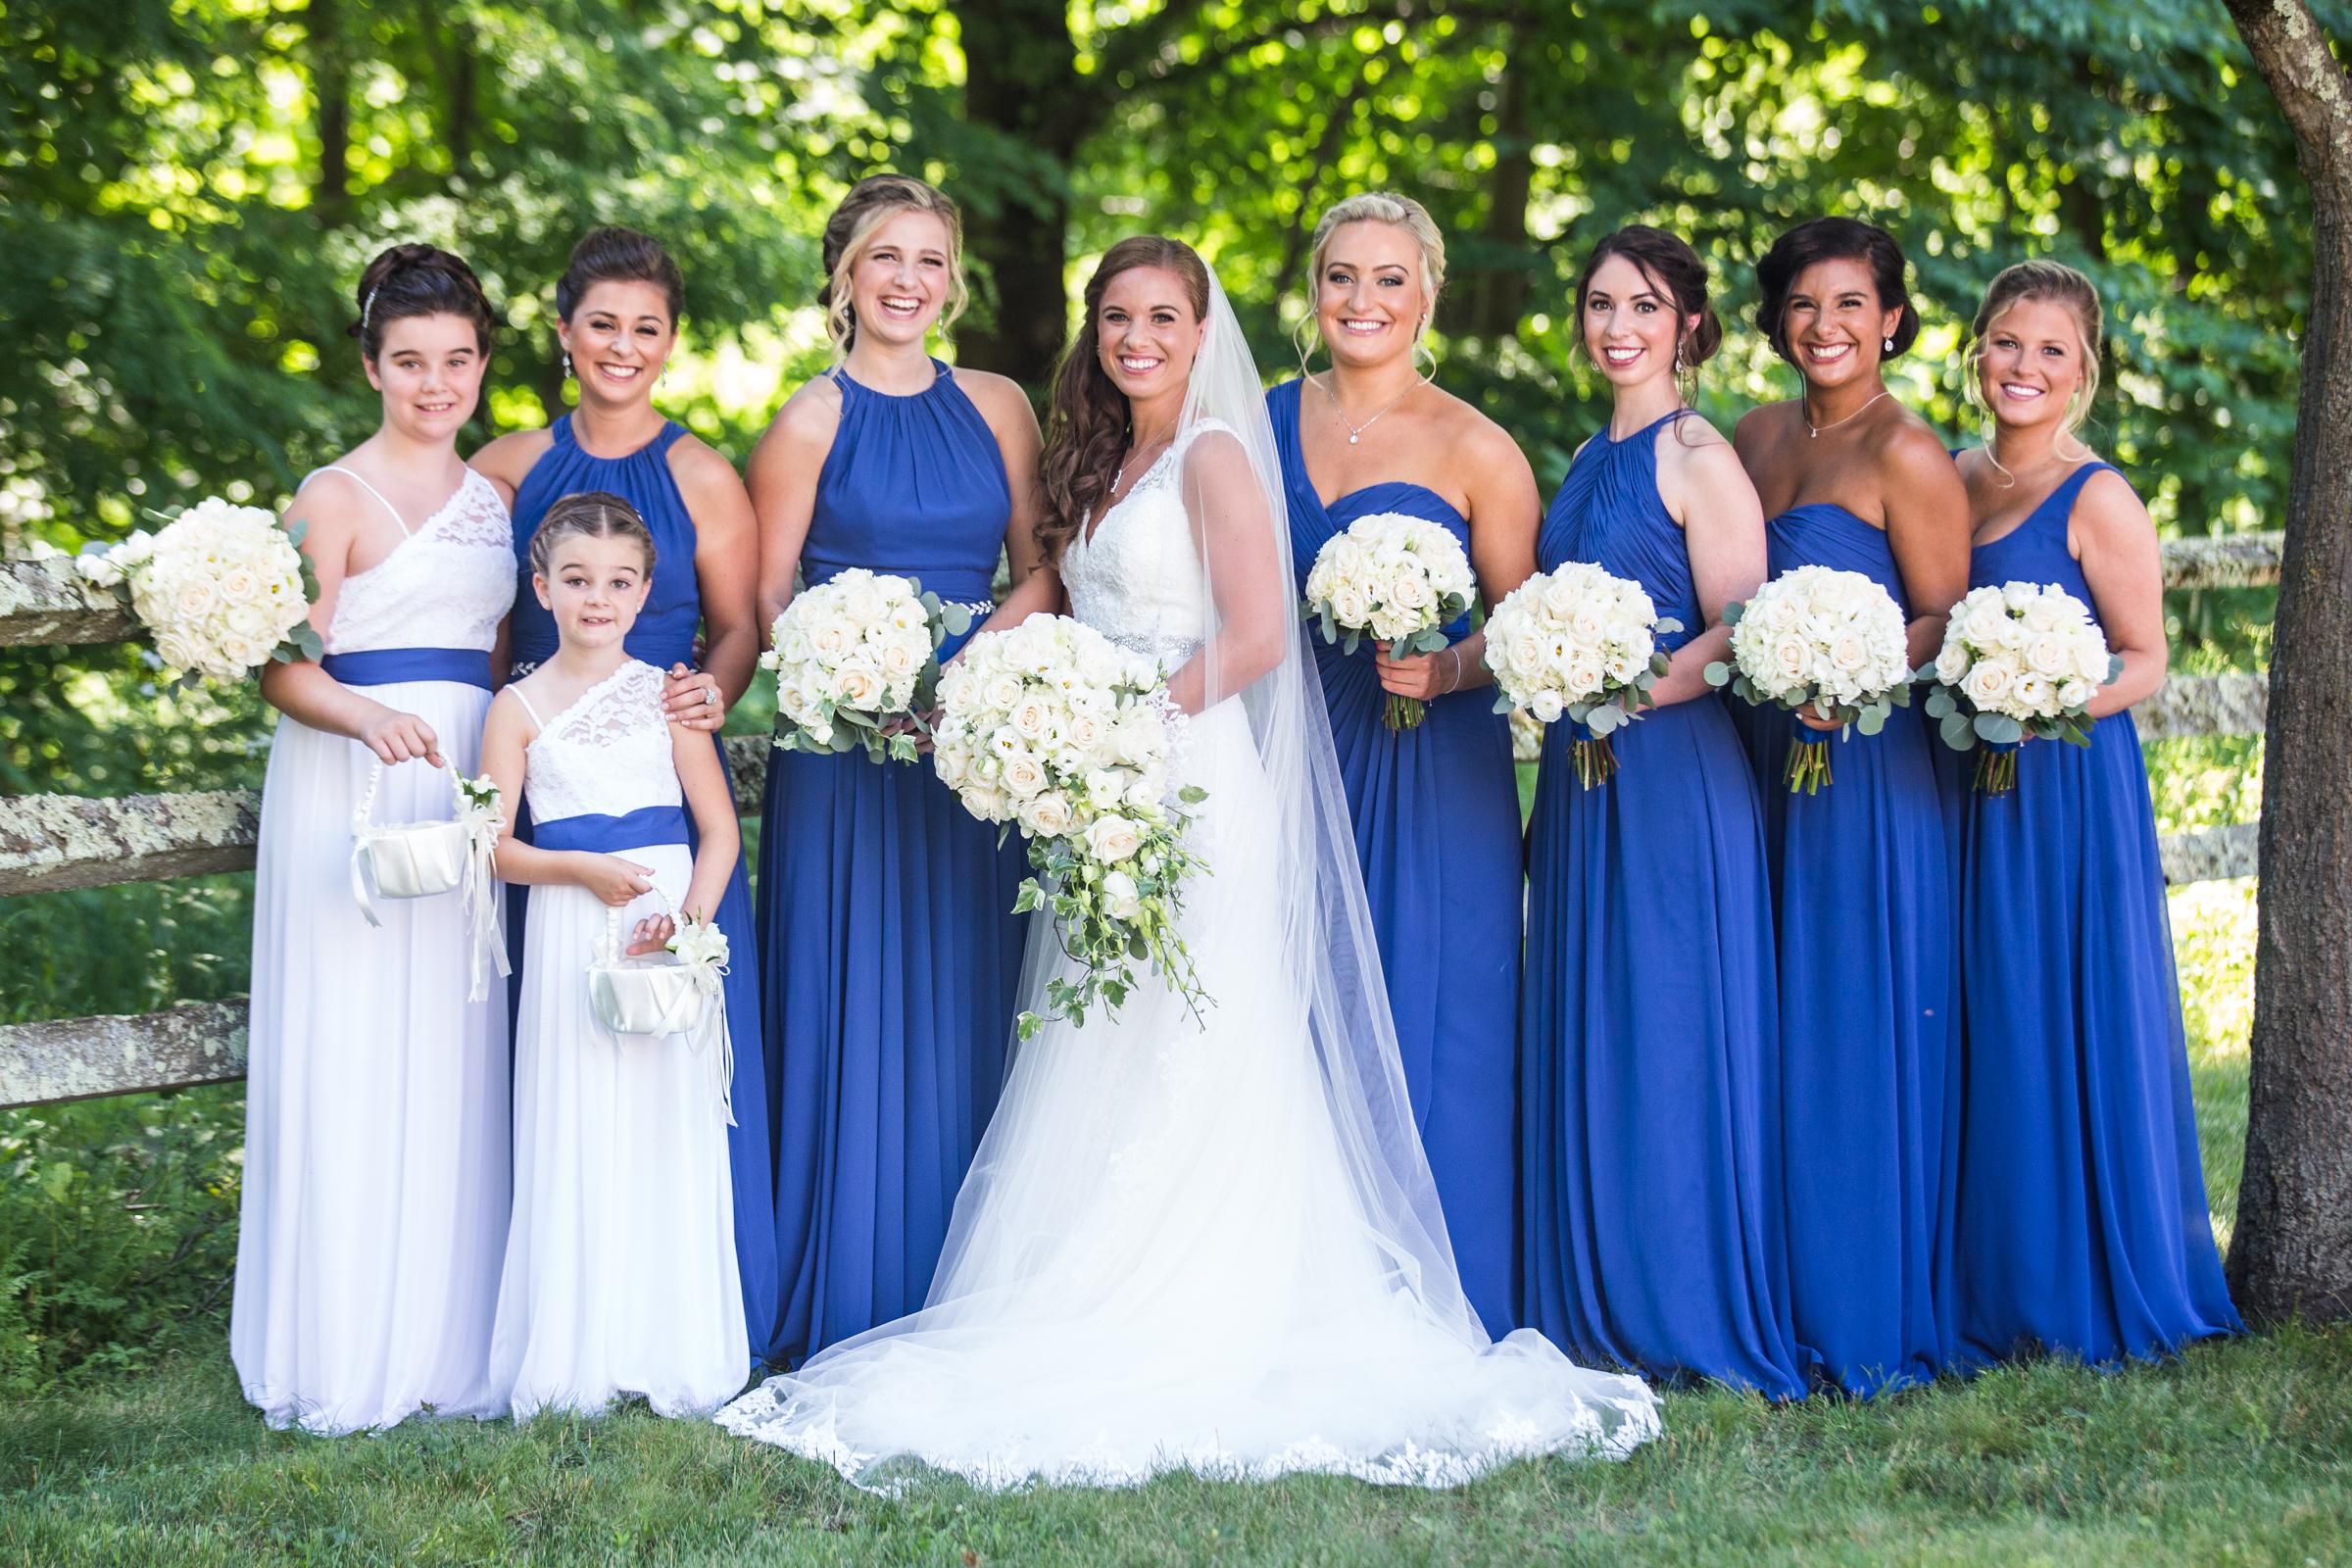 trump-national-golf-course-bridesmaid-wedding-photos